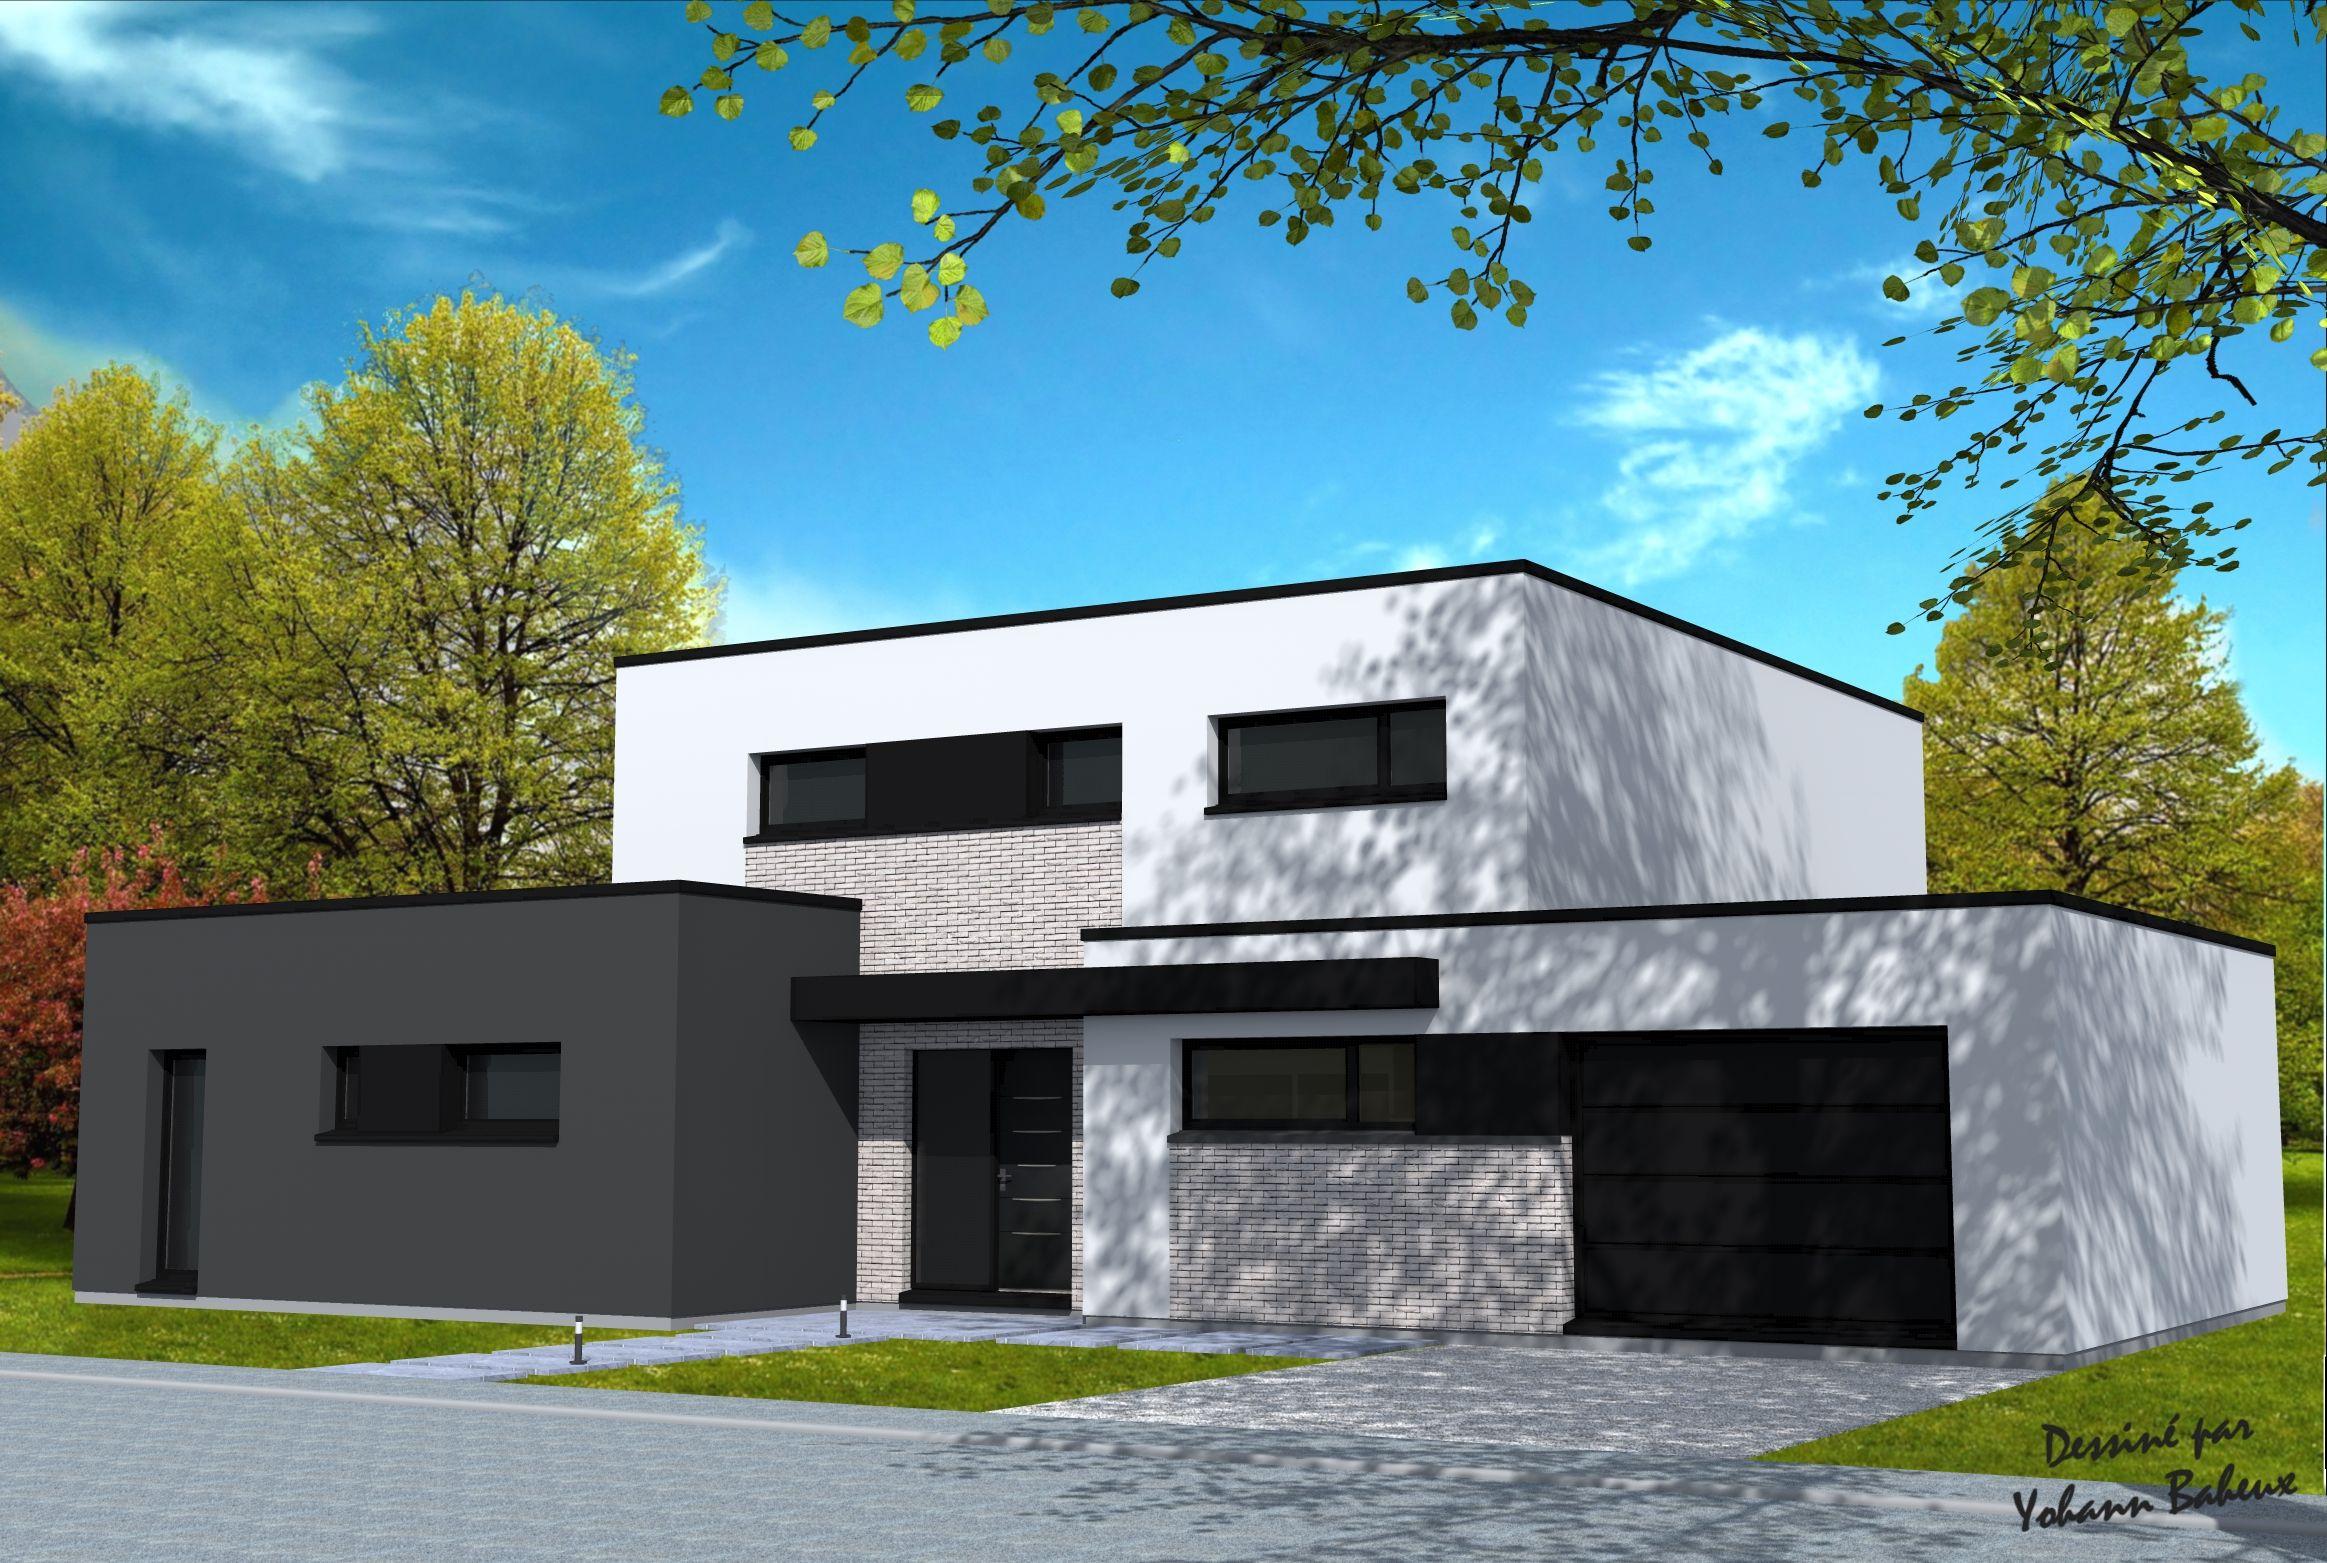 Plan de maison moderne cube - Idées de travaux